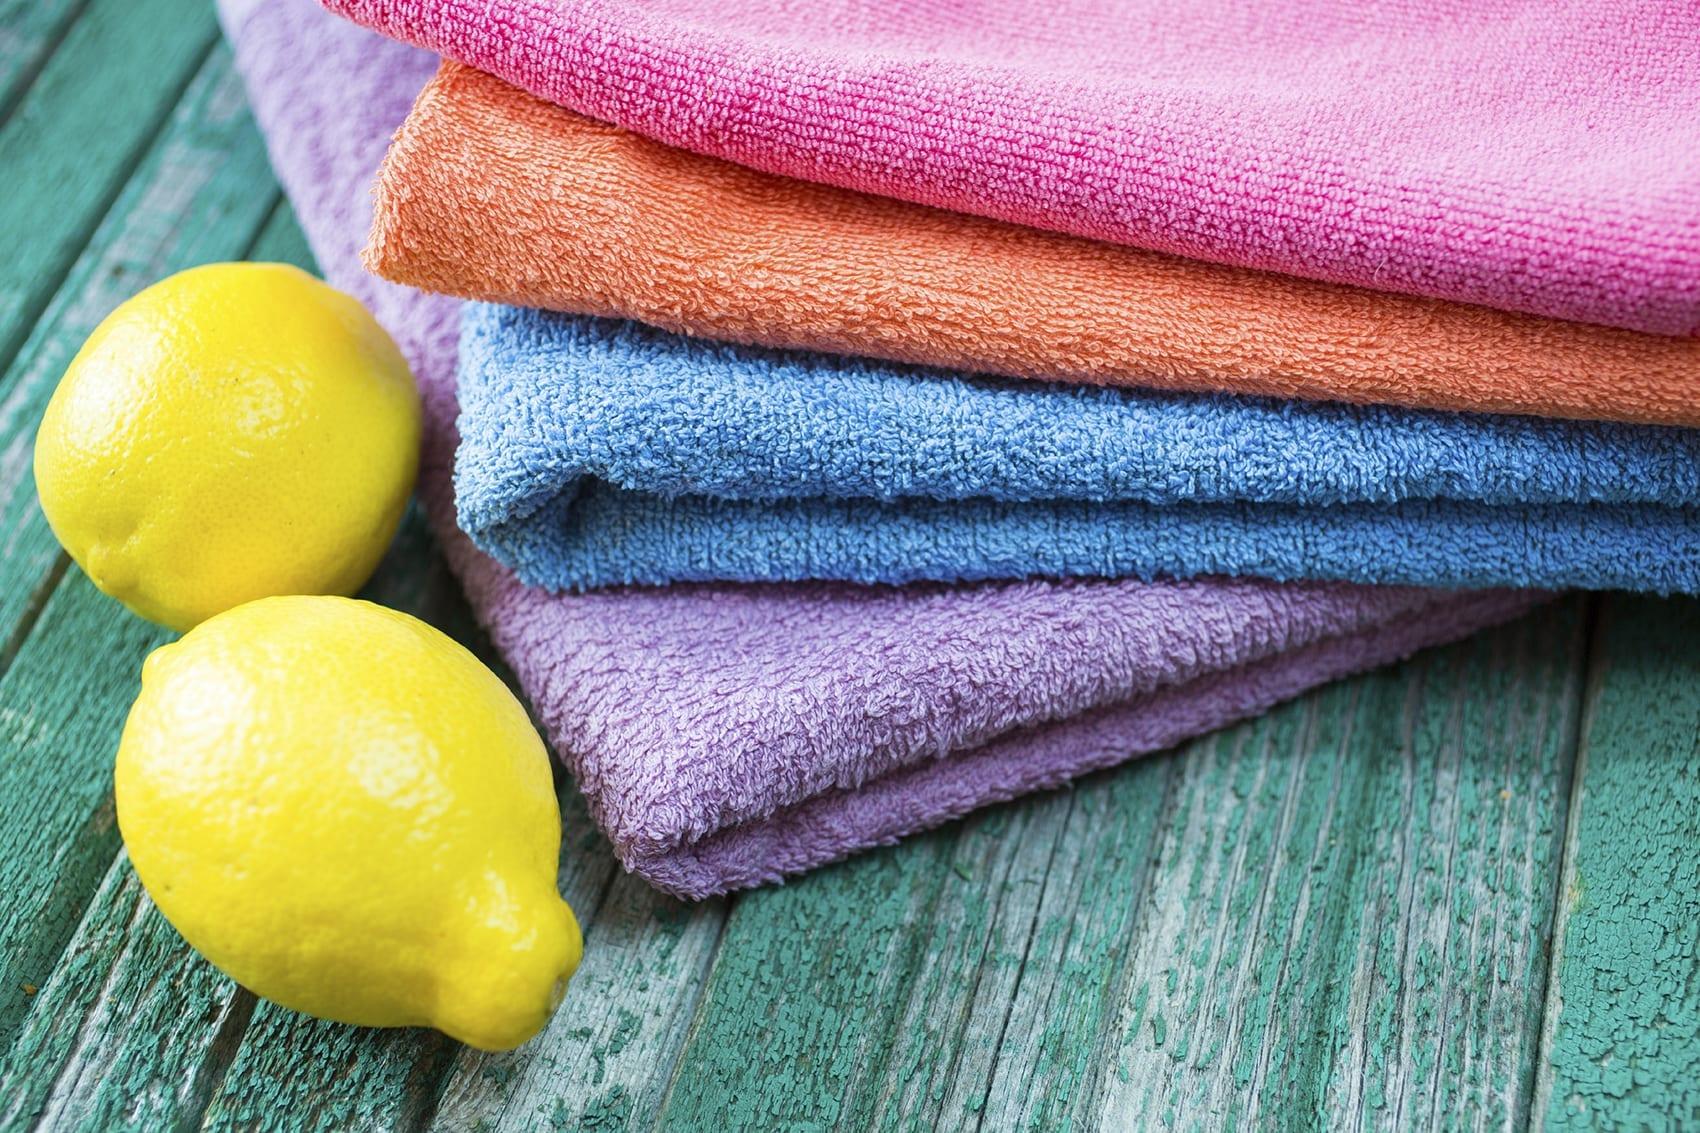 Lemons in the Laundry